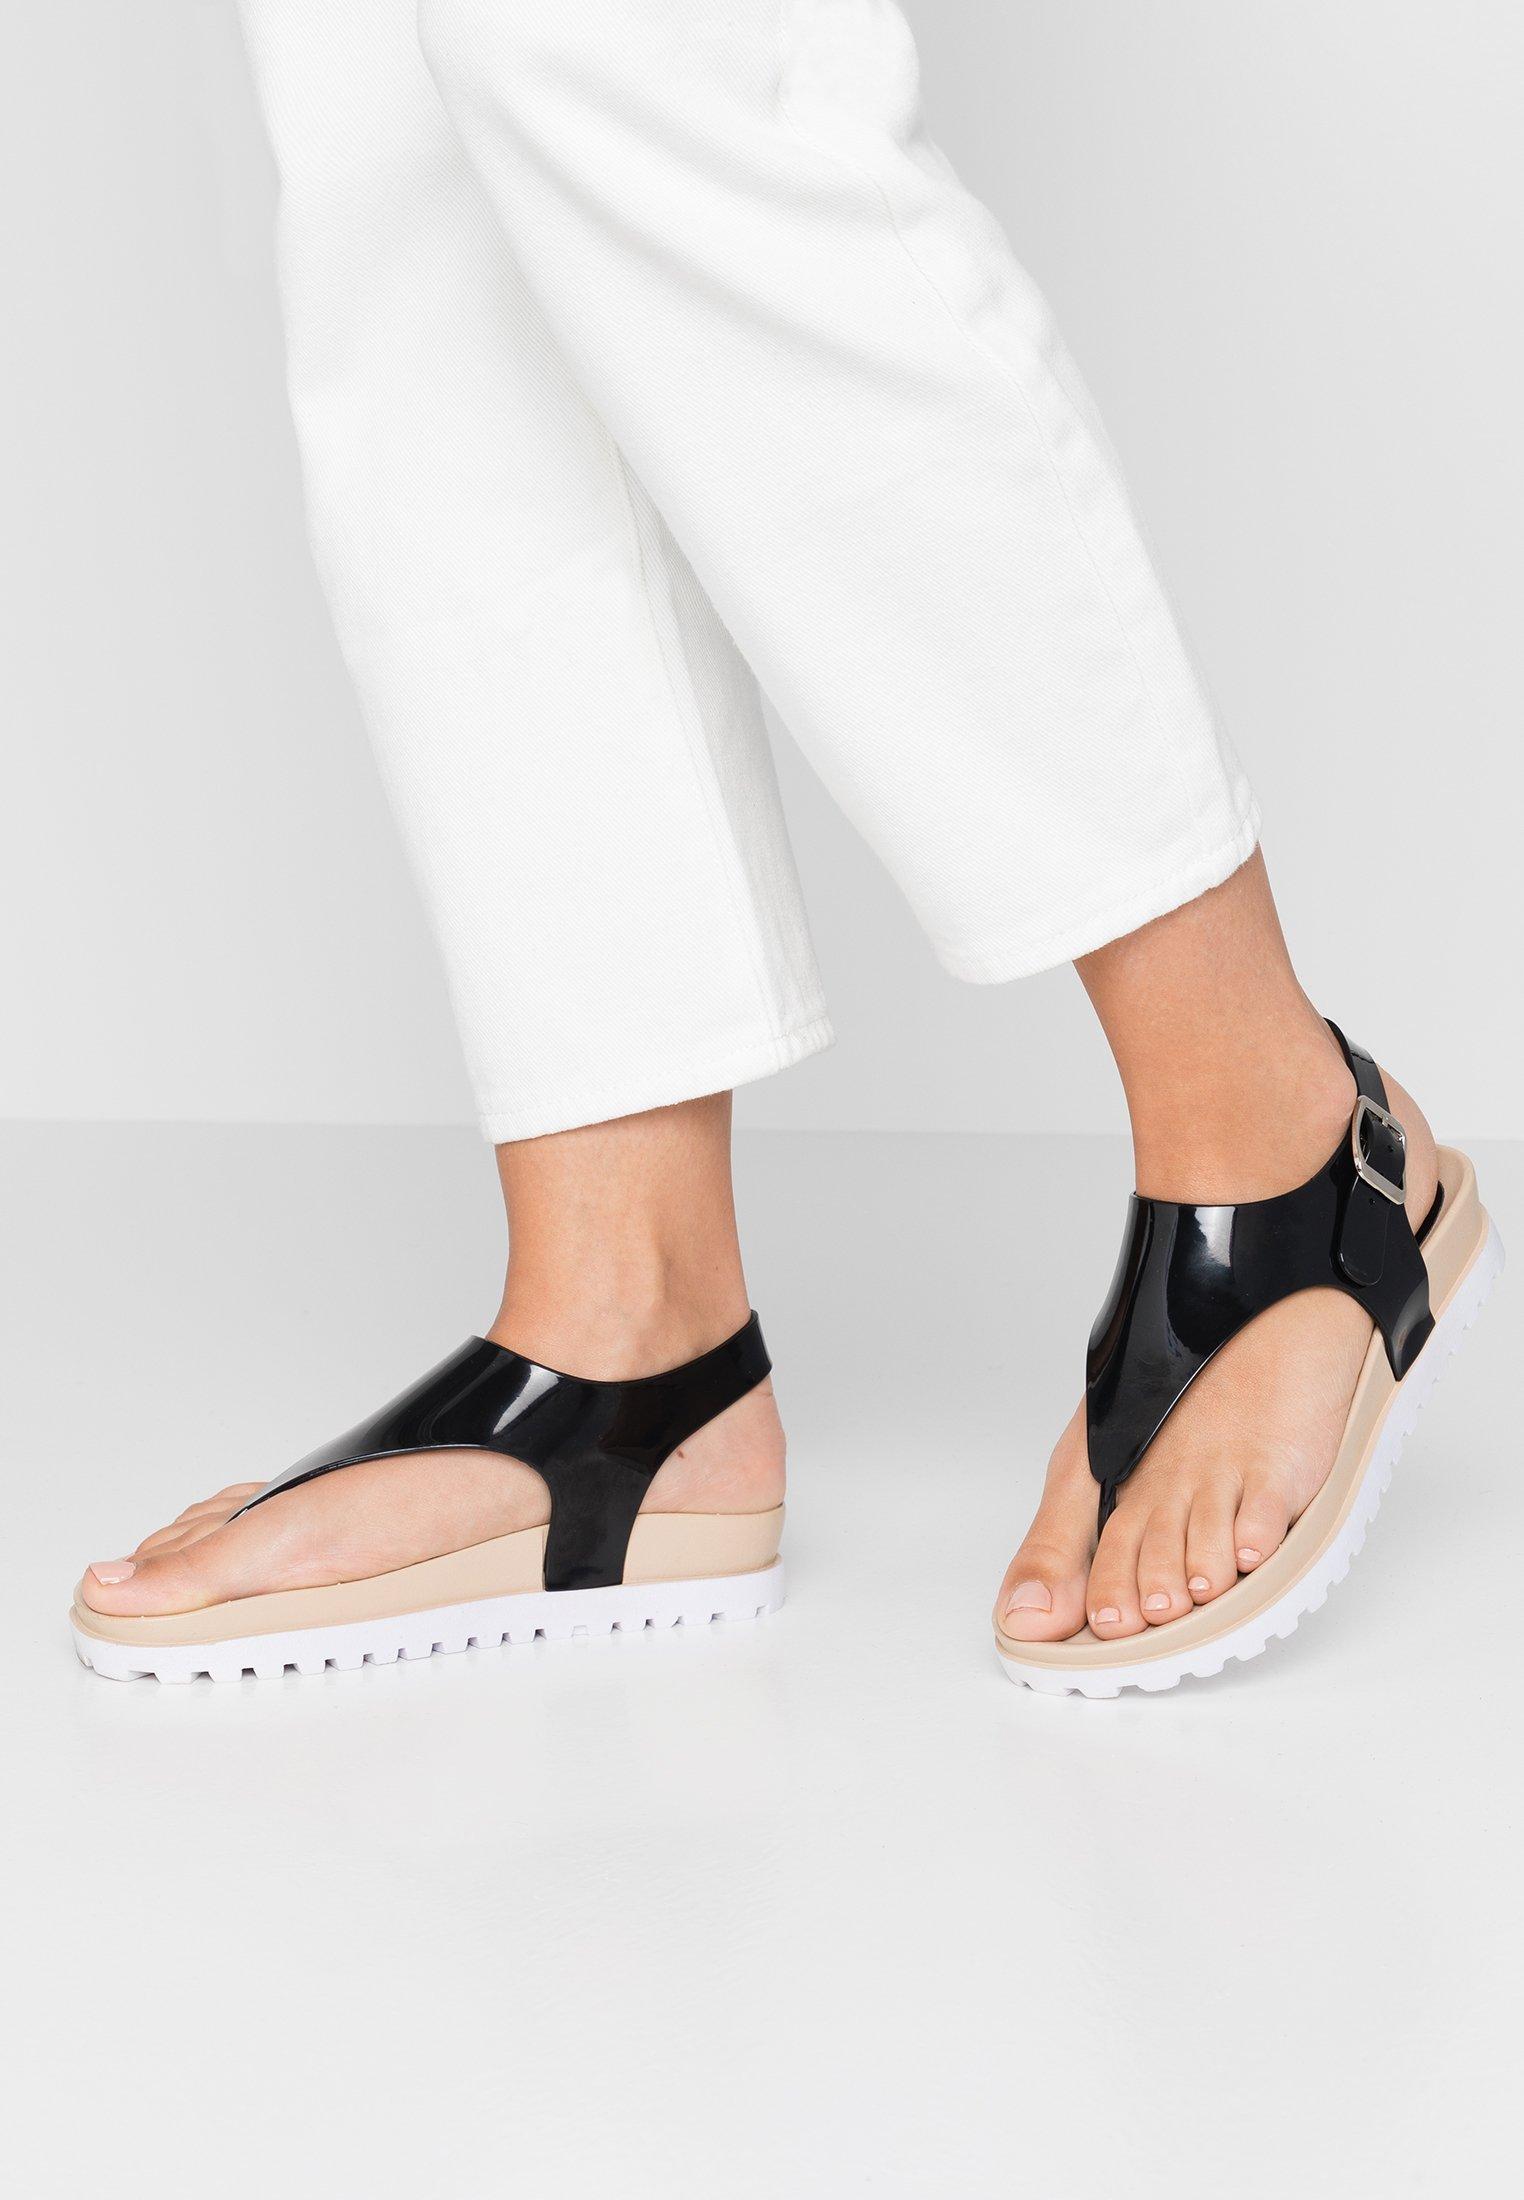 Matt & Nat Kleding, schoenen, sport & accessoires online